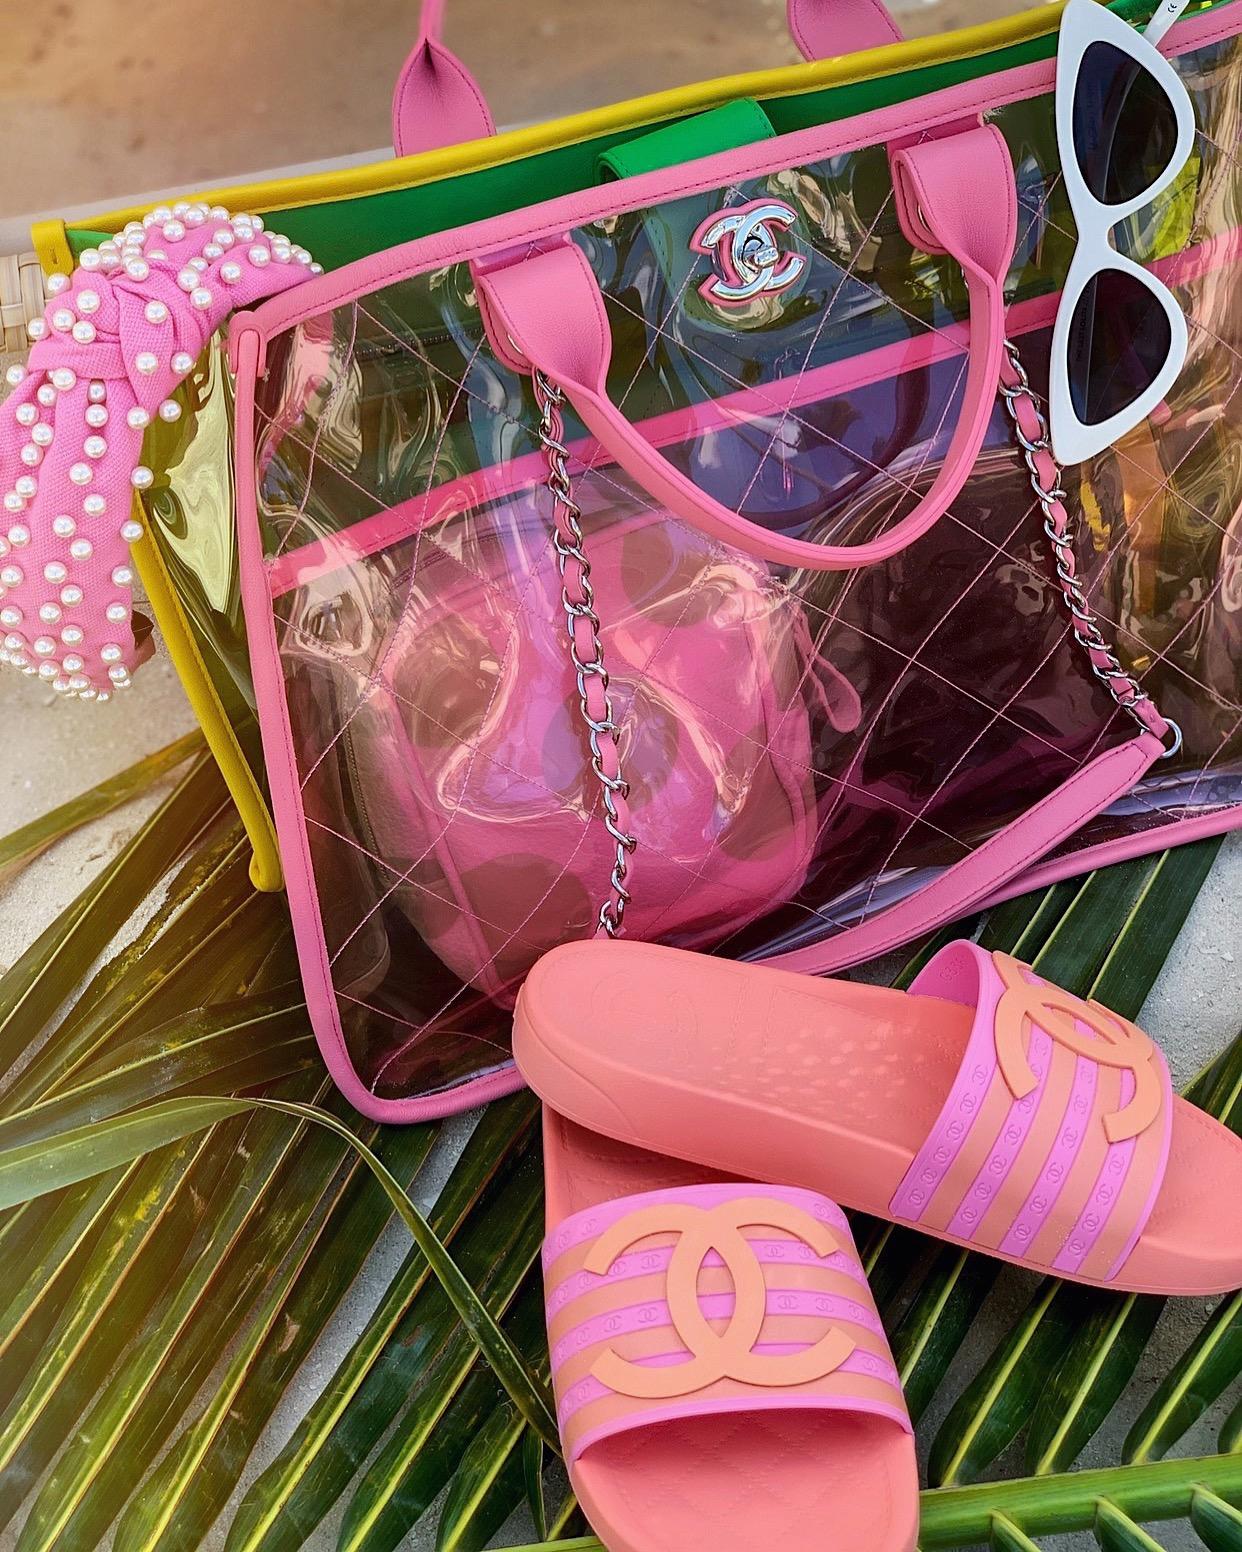 Chanel Bag/ Slides| Headband:   LeLe Sadough    i  | Sunnies:   Le Specs